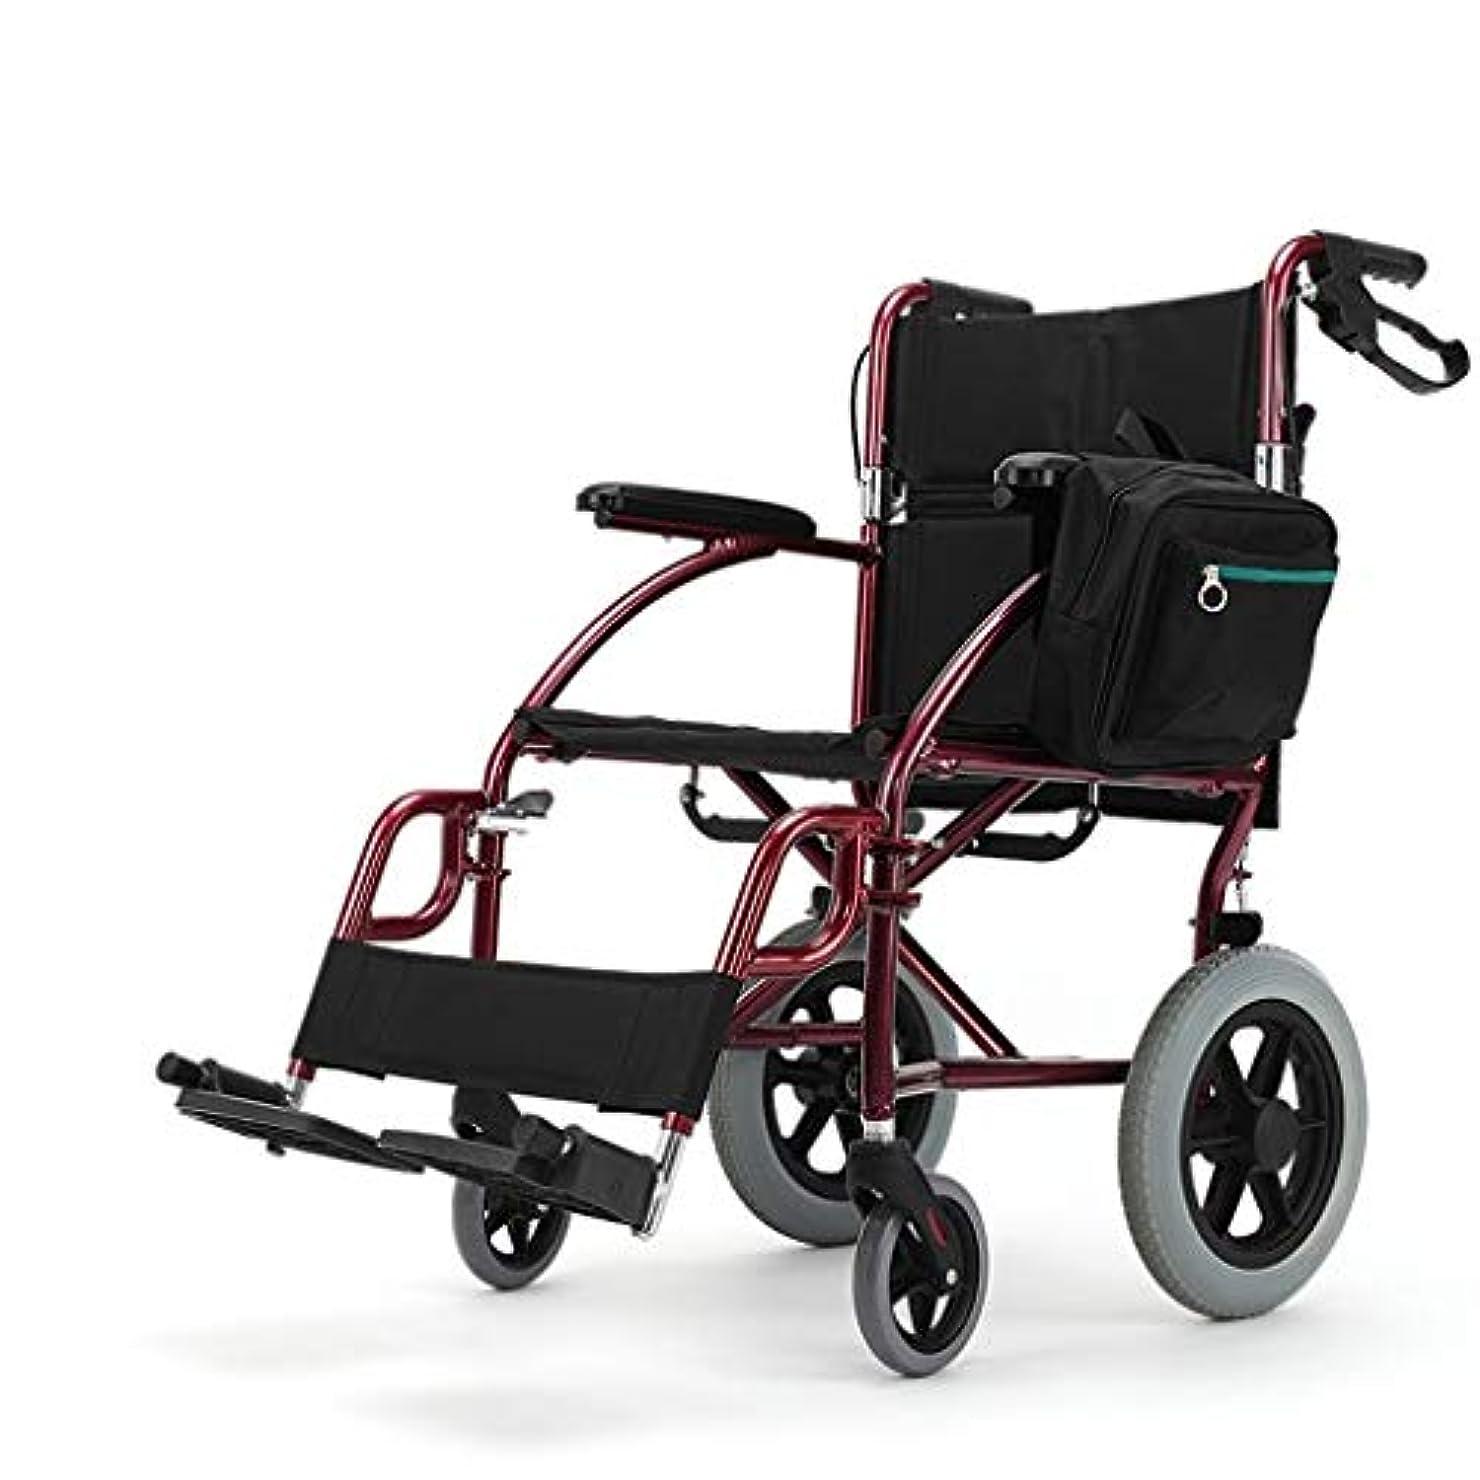 ロック壊す腹部折りたたみ車椅子取り外し可能なペダル、折りたたみ式背部無効車椅子、屋外旅行車椅子用の軽量でポータブル